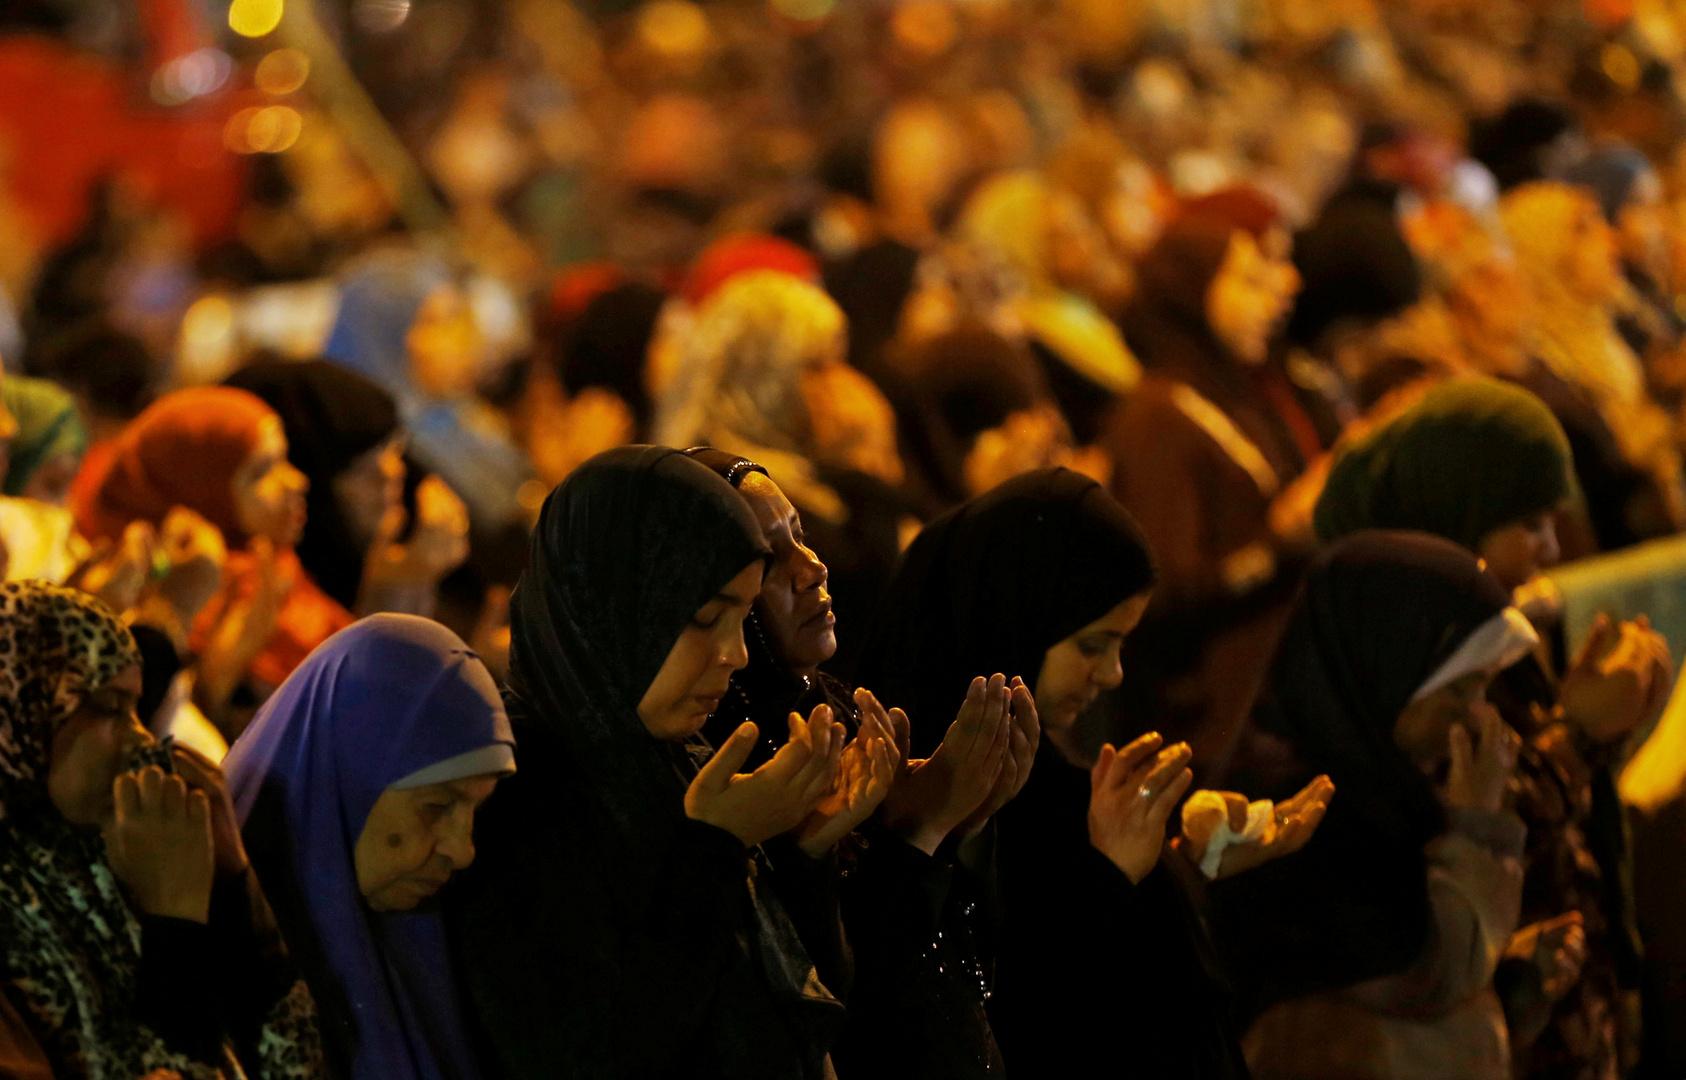 دار الإفتاء المصرية عن لباس المرأة المسلمة وحكم كشف شعرها